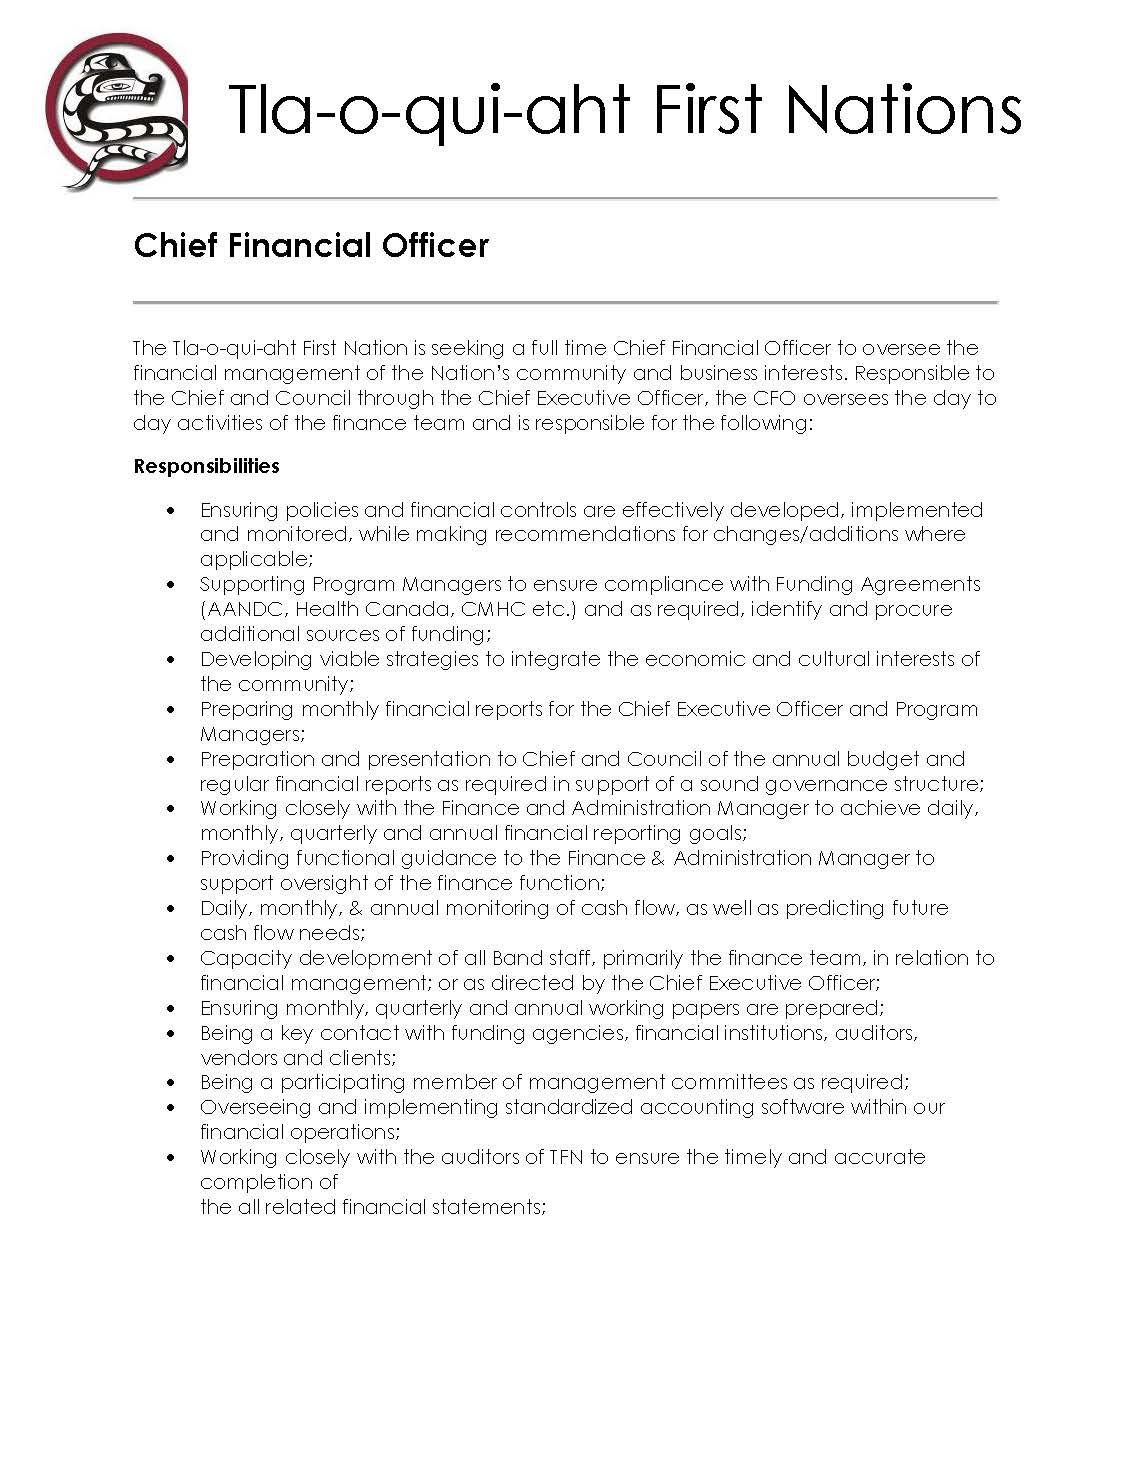 TFN CFO Job Posting Feb 2017_Page_1.jpg